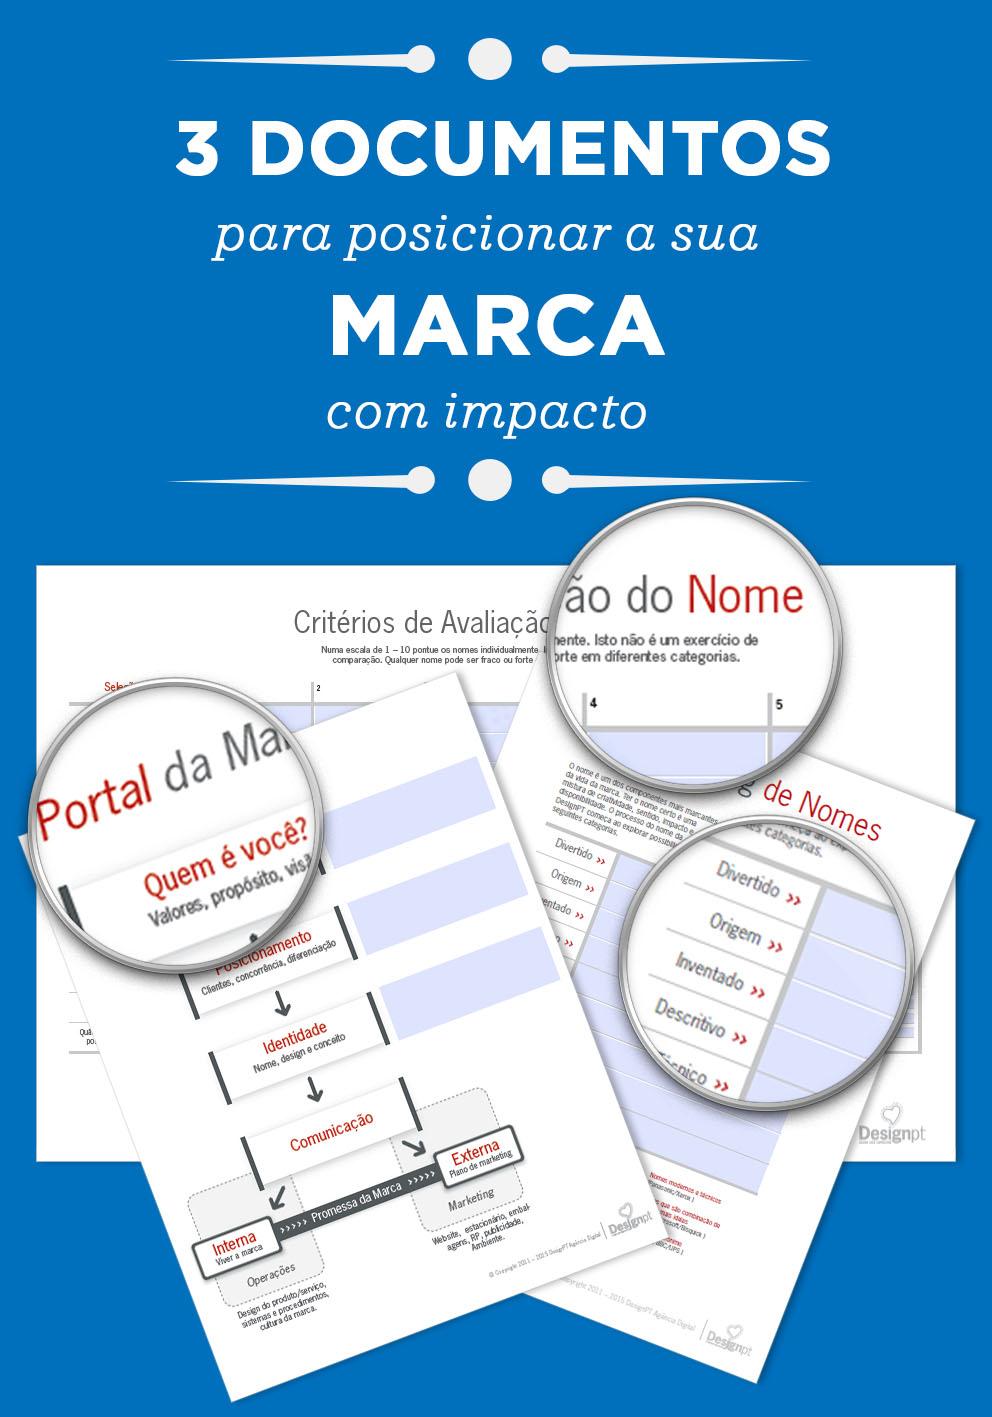 3 documentos template - 3 documentos para uma marca de sucesso